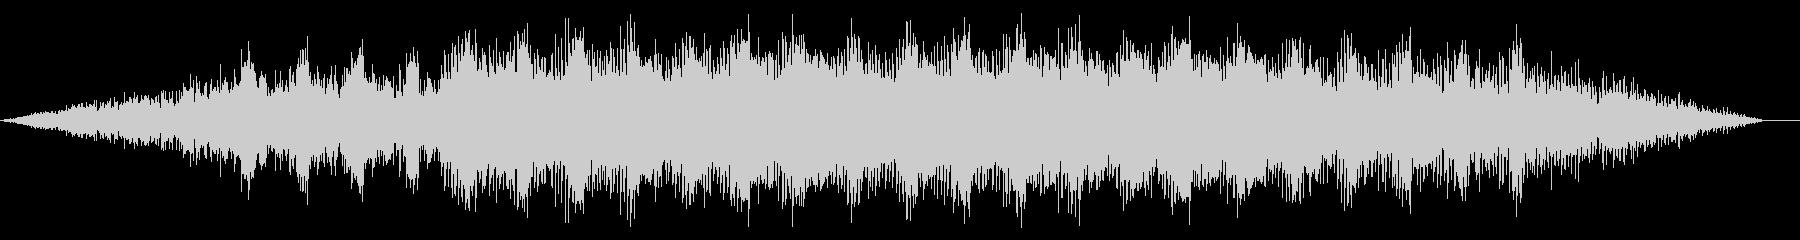 シンプルノイジーなディープハウスの未再生の波形